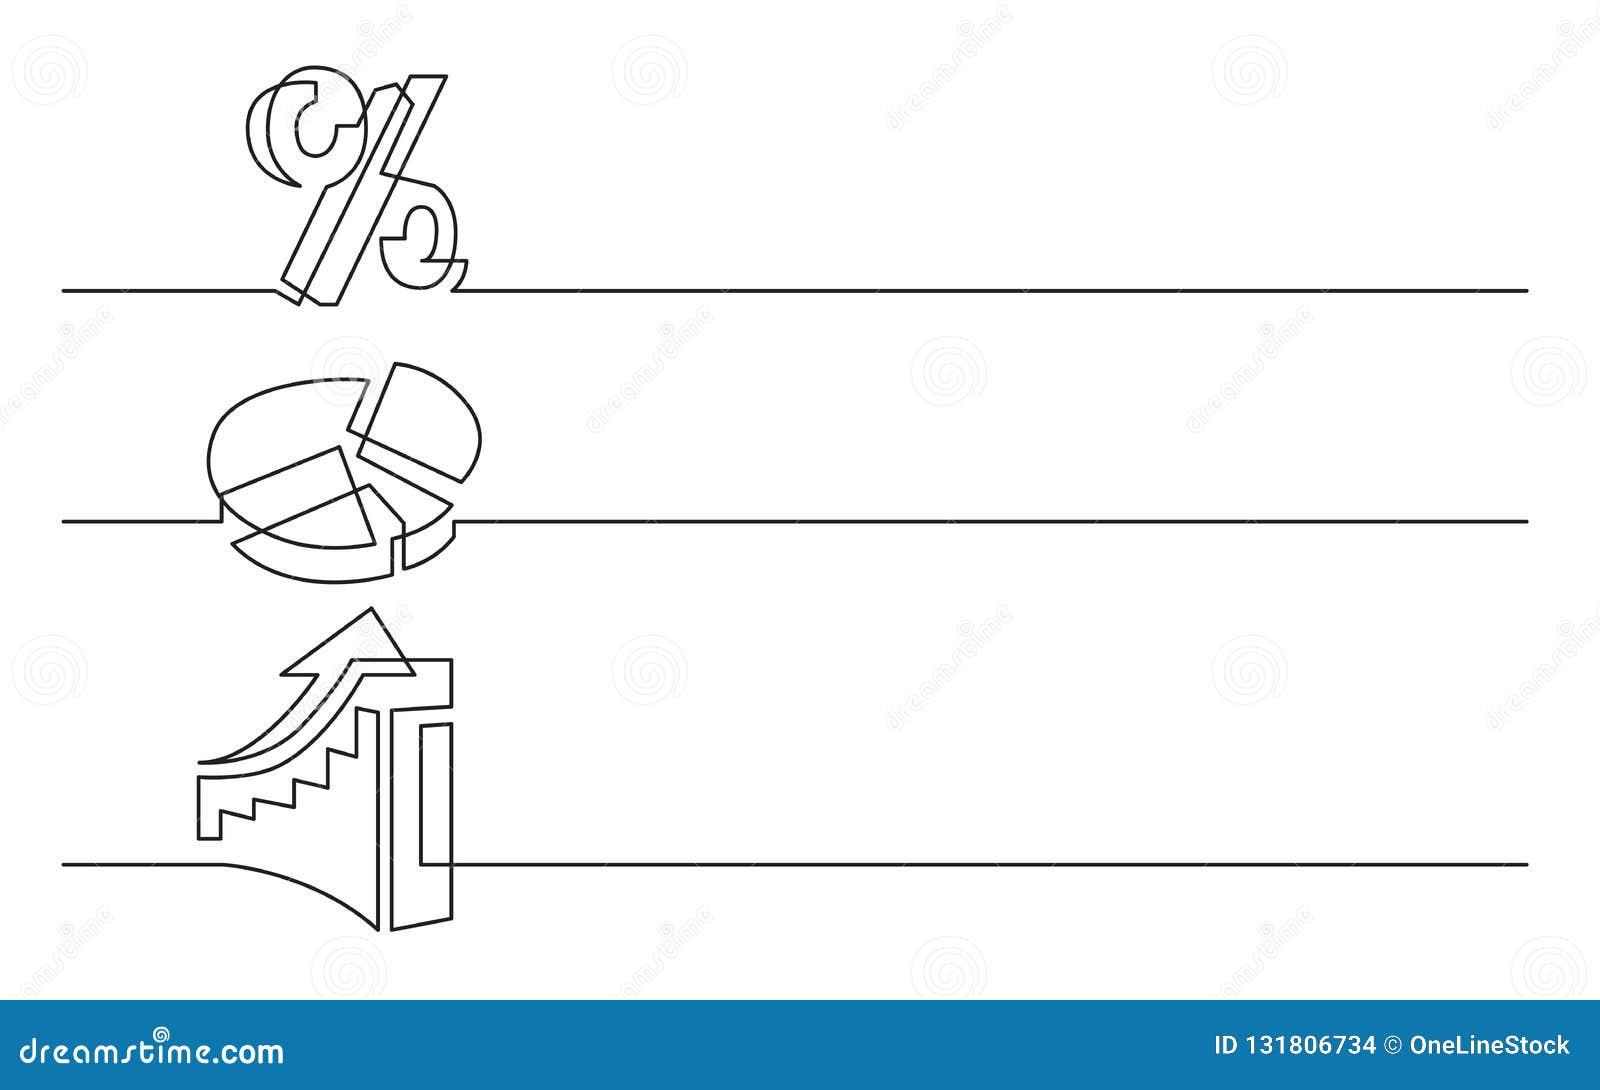 Fahnenentwurf - ununterbrochenes Federzeichnung von Geschäftsikonen: Prozentzeichen, Kreisdiagramm, steigendes Diagramm